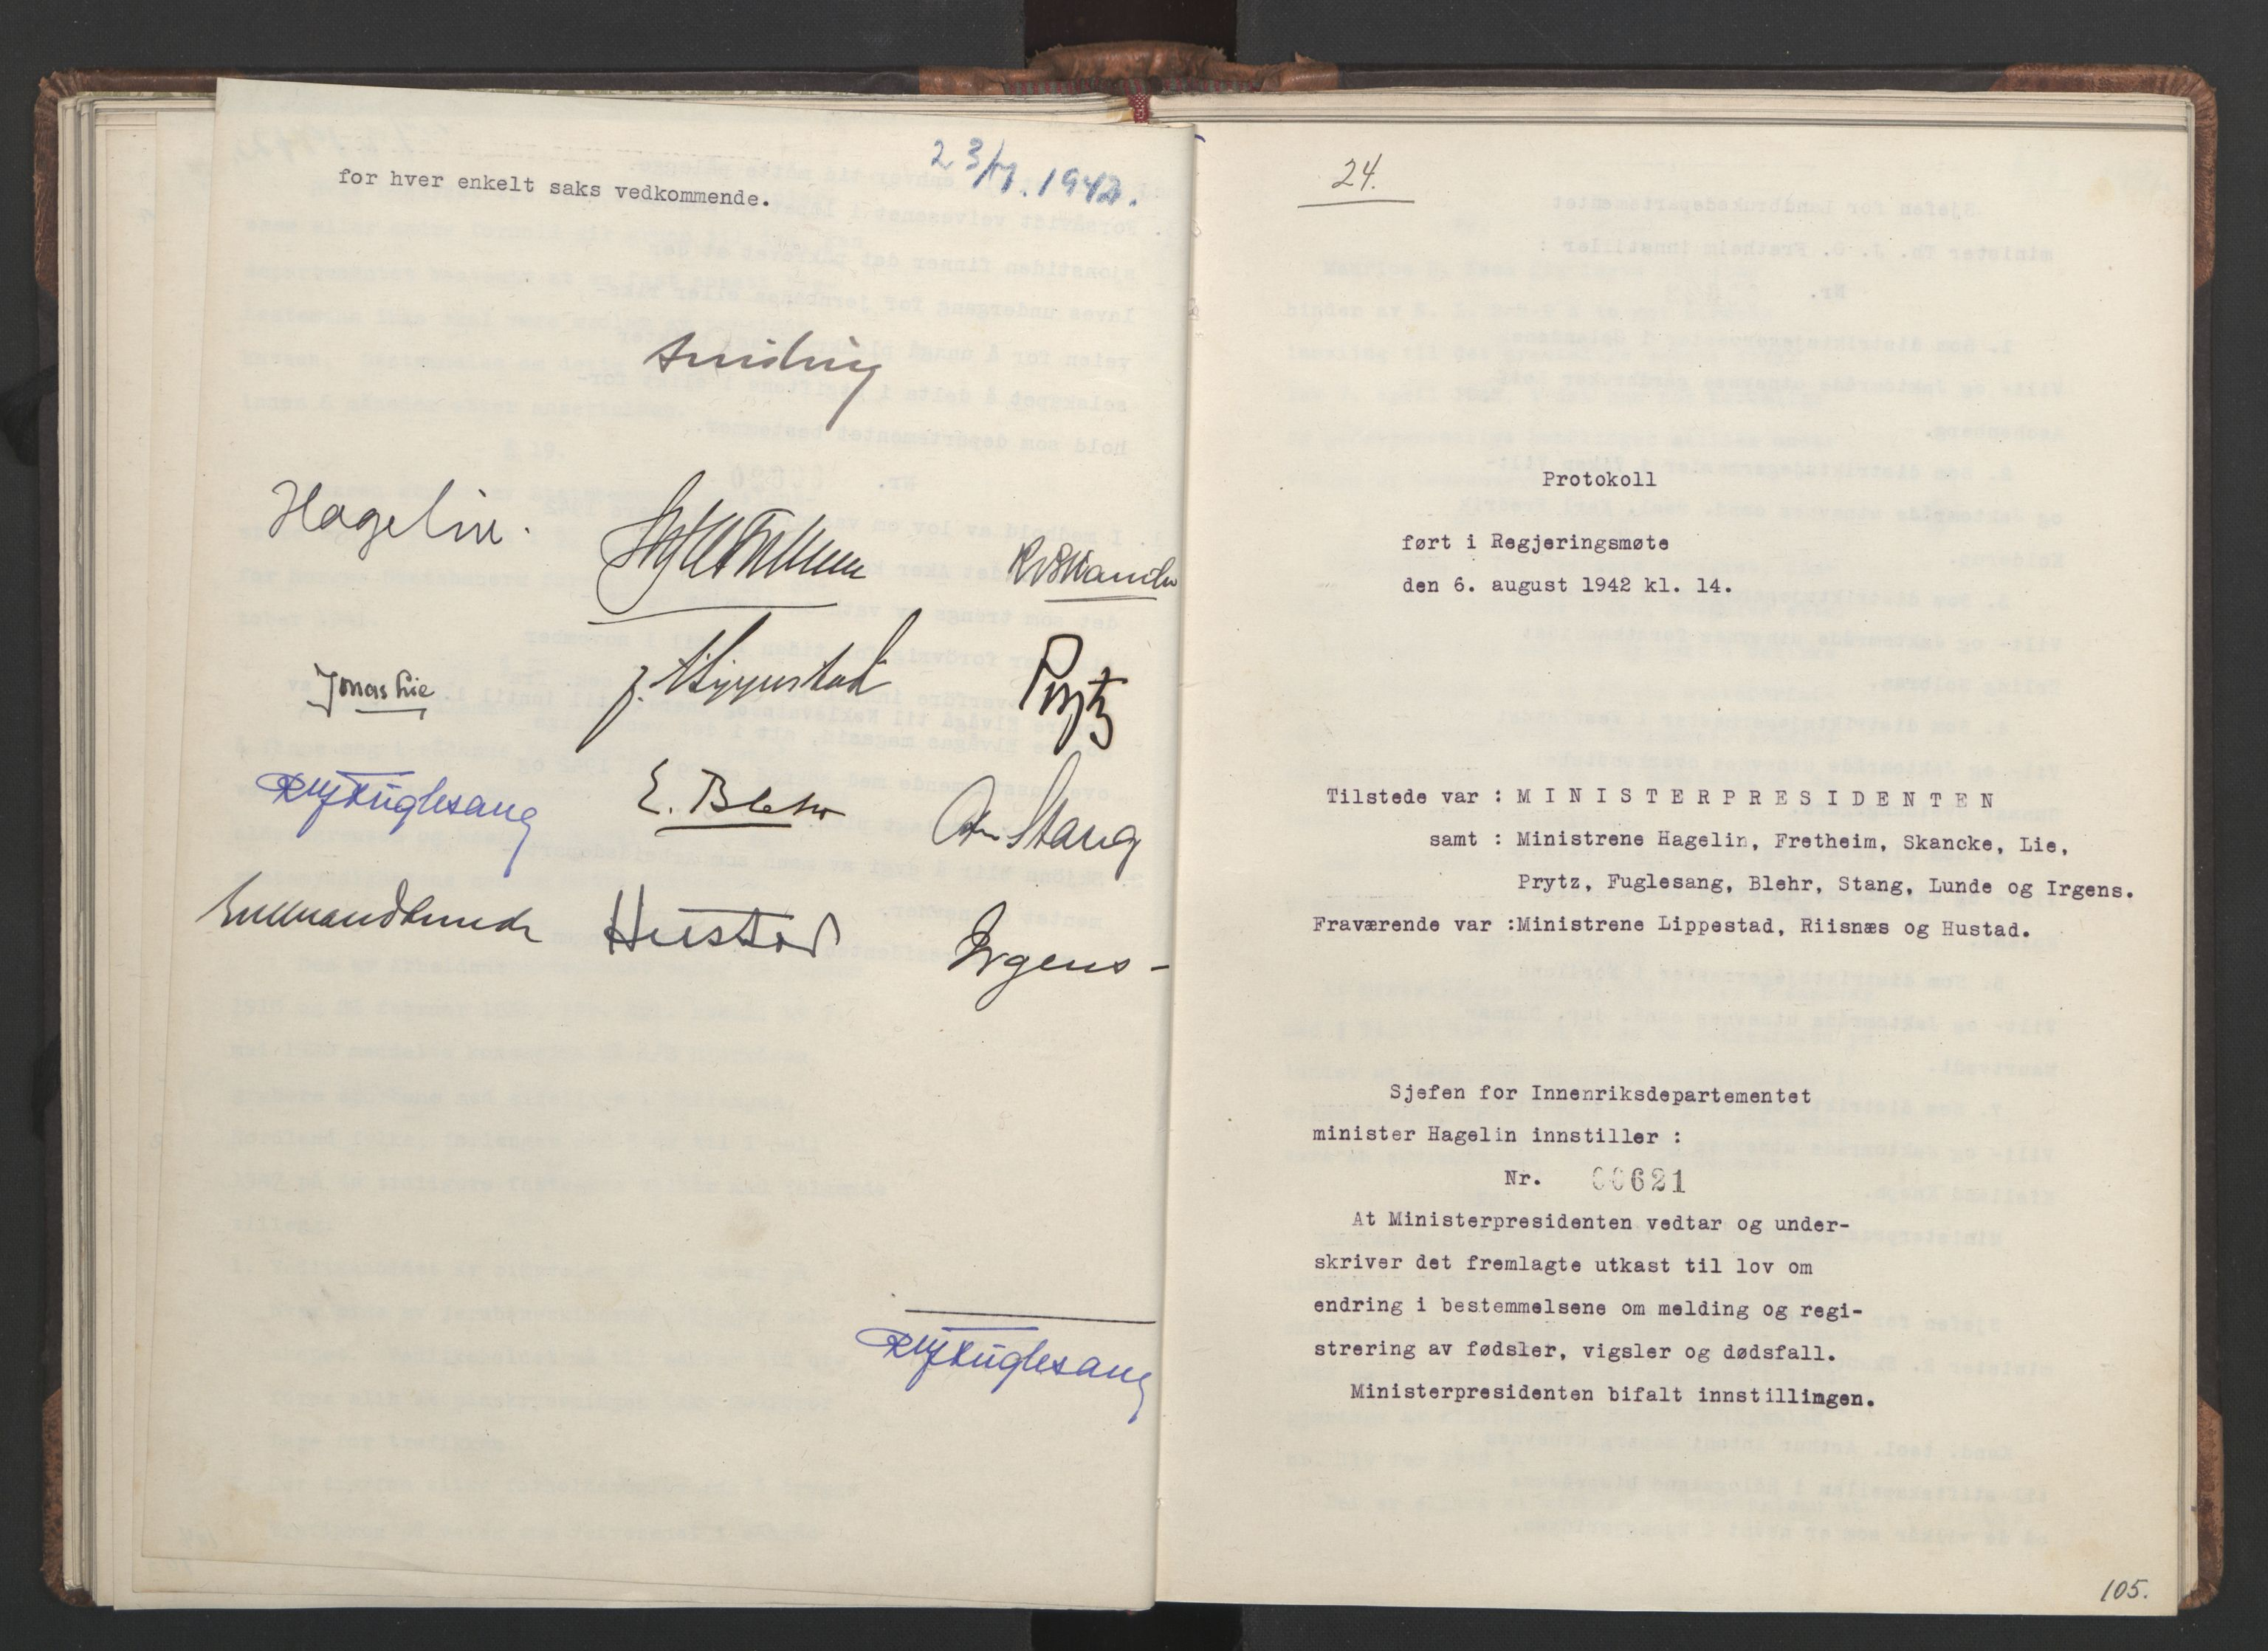 RA, NS-administrasjonen 1940-1945 (Statsrådsekretariatet, de kommisariske statsråder mm), D/Da/L0001: Beslutninger og tillegg (1-952 og 1-32), 1942, s. 104b-105a